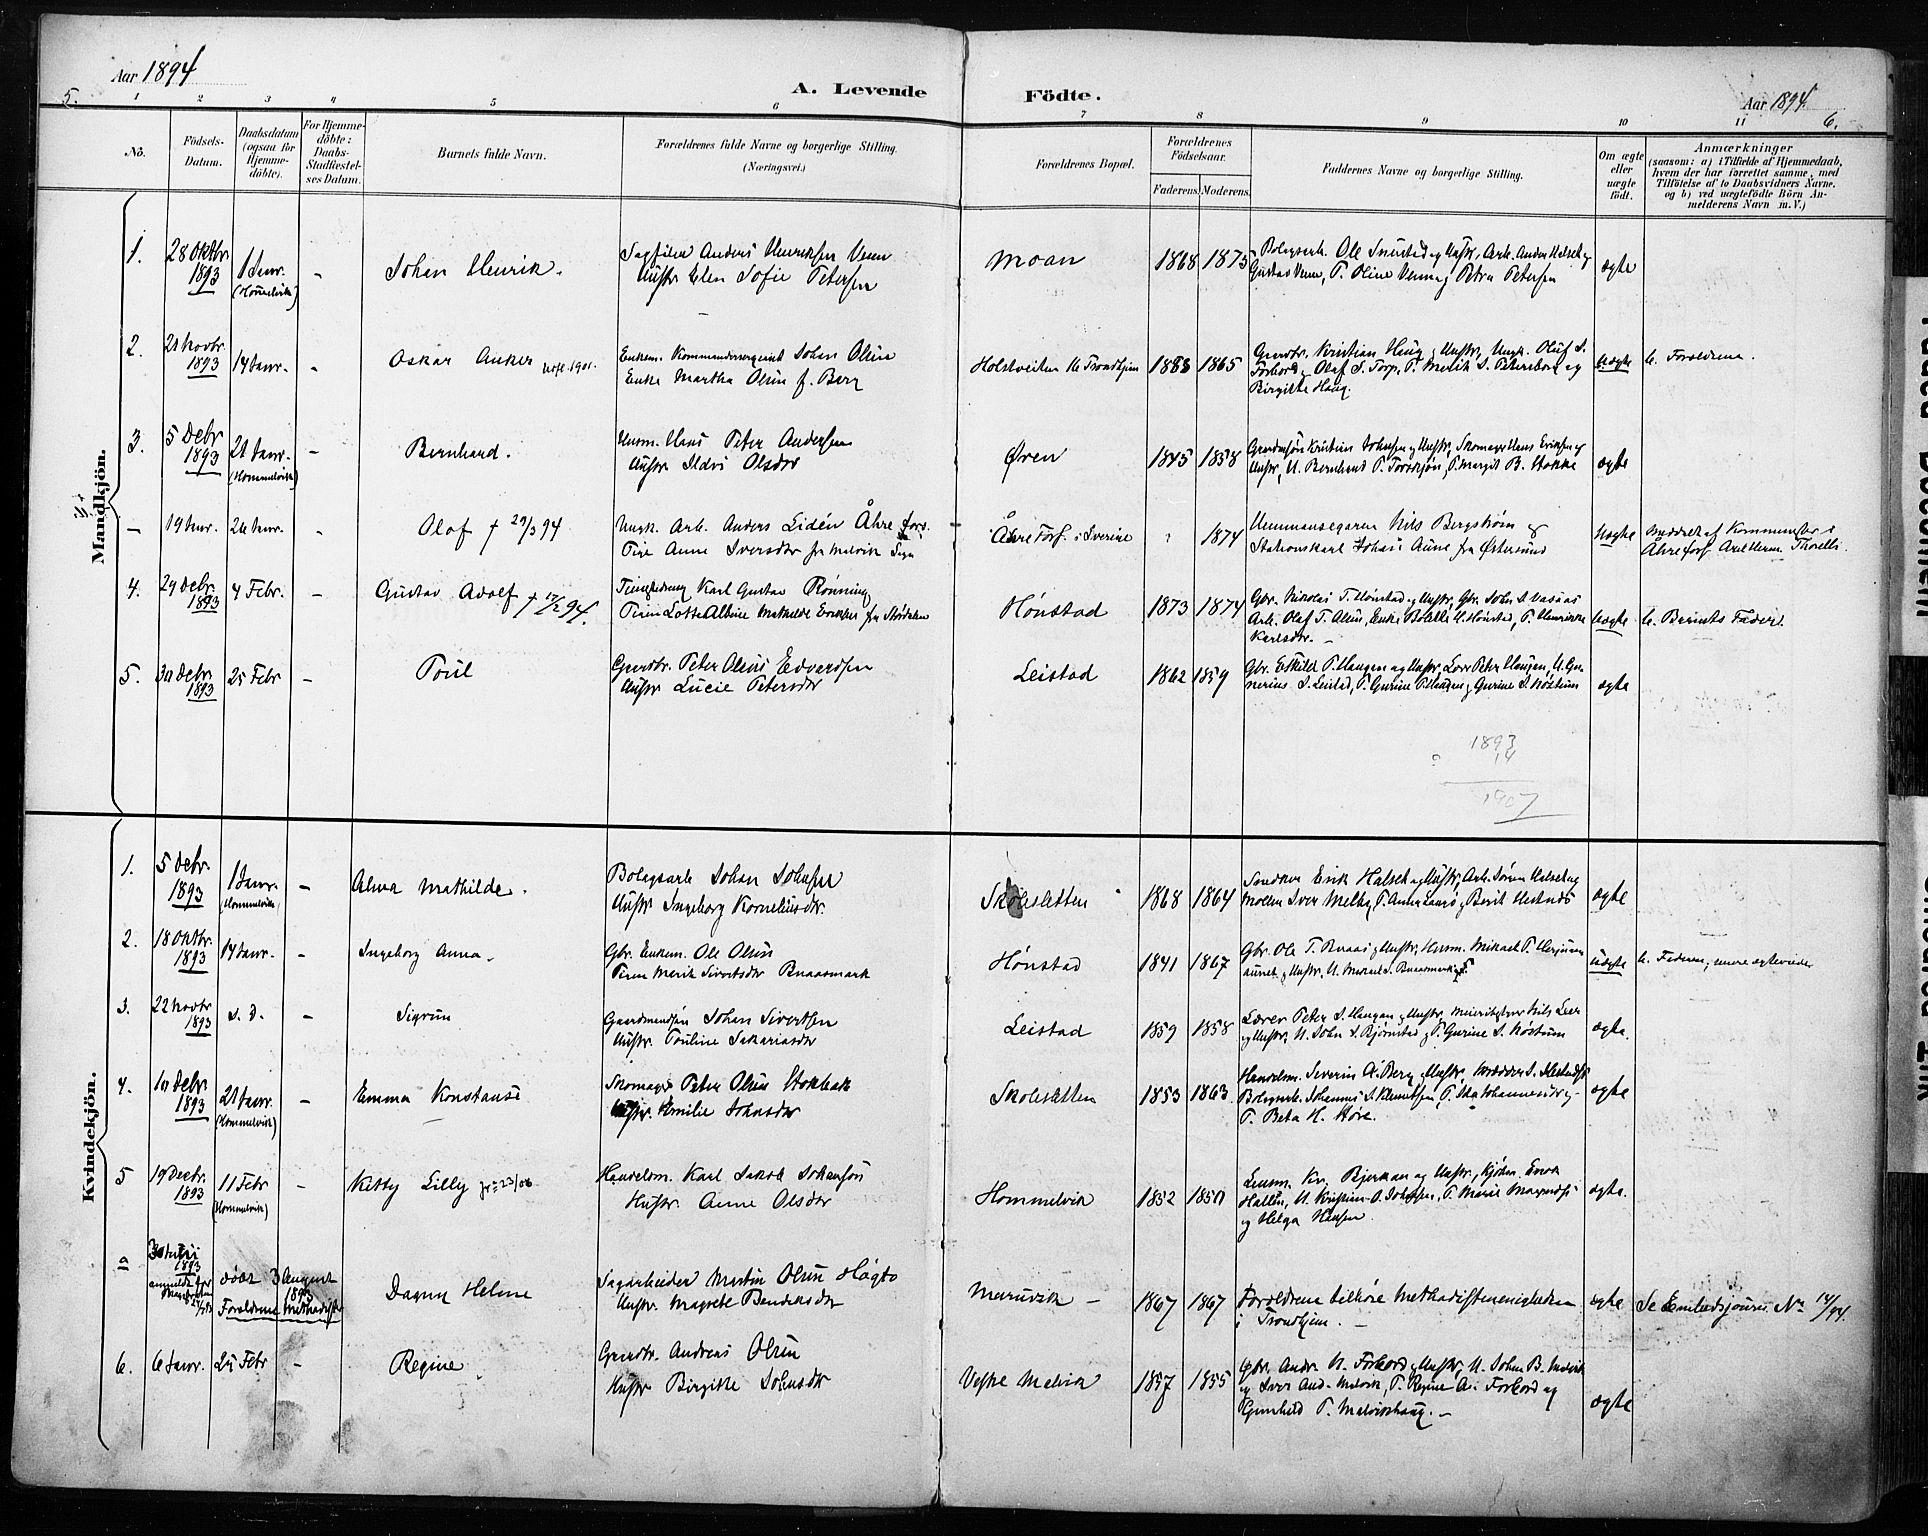 SAT, Ministerialprotokoller, klokkerbøker og fødselsregistre - Sør-Trøndelag, 616/L0411: Ministerialbok nr. 616A08, 1894-1906, s. 5-6